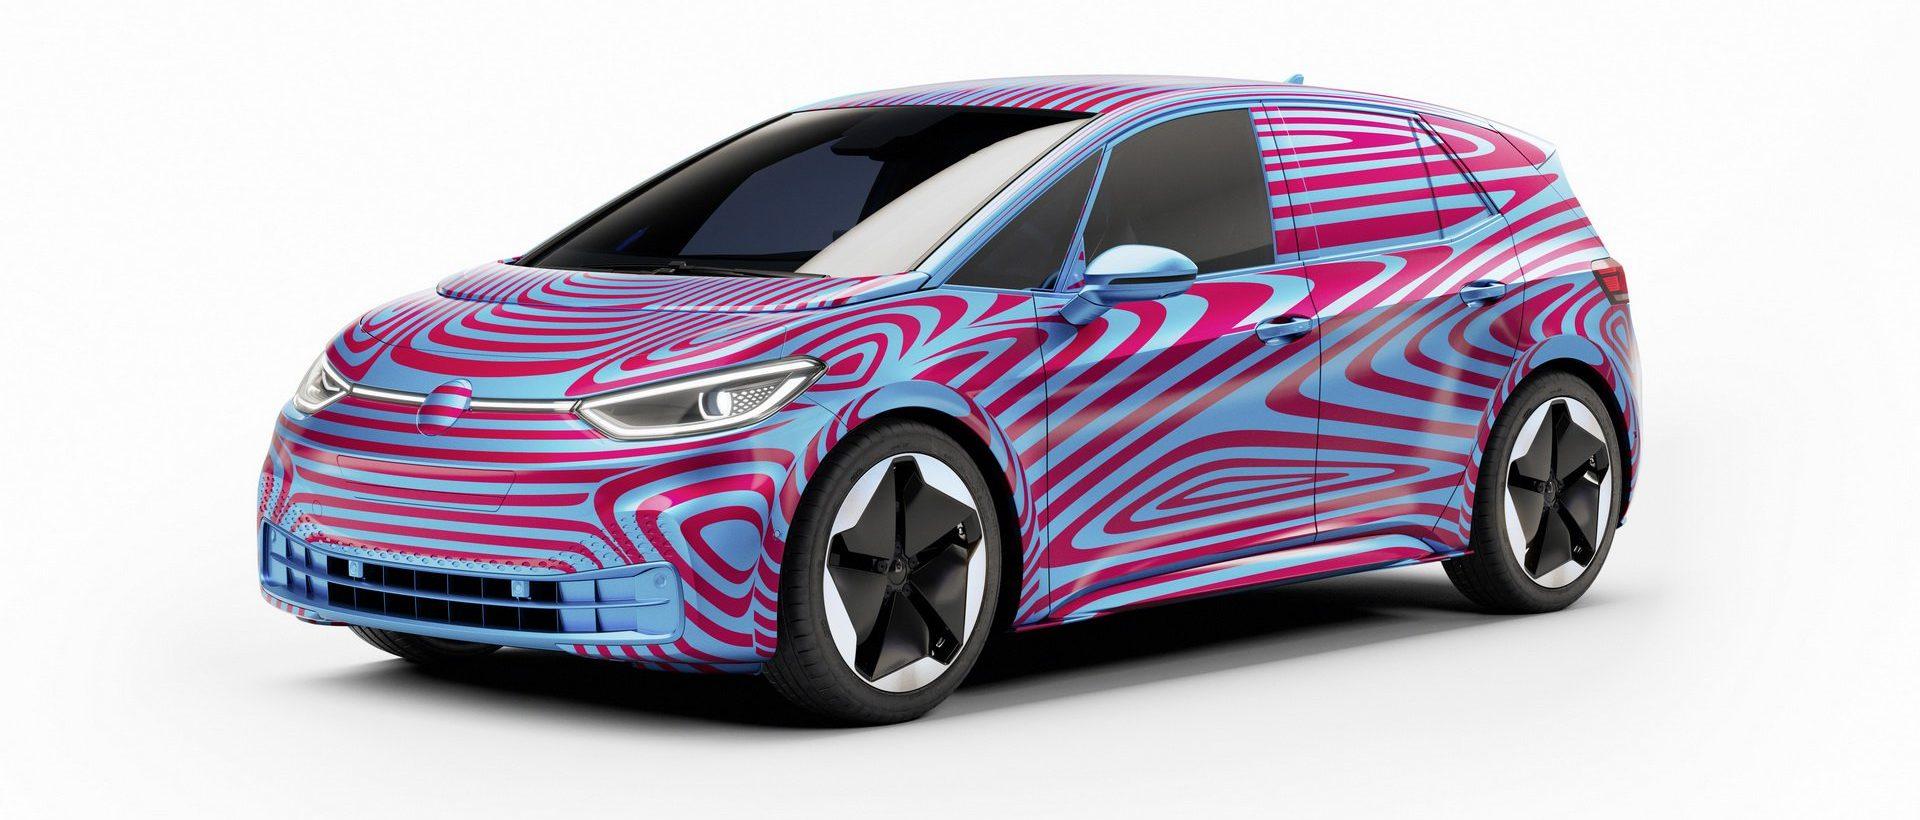 فولكس فاجن تغزو سوق السيارات الكهربائية بـ I.D. 3